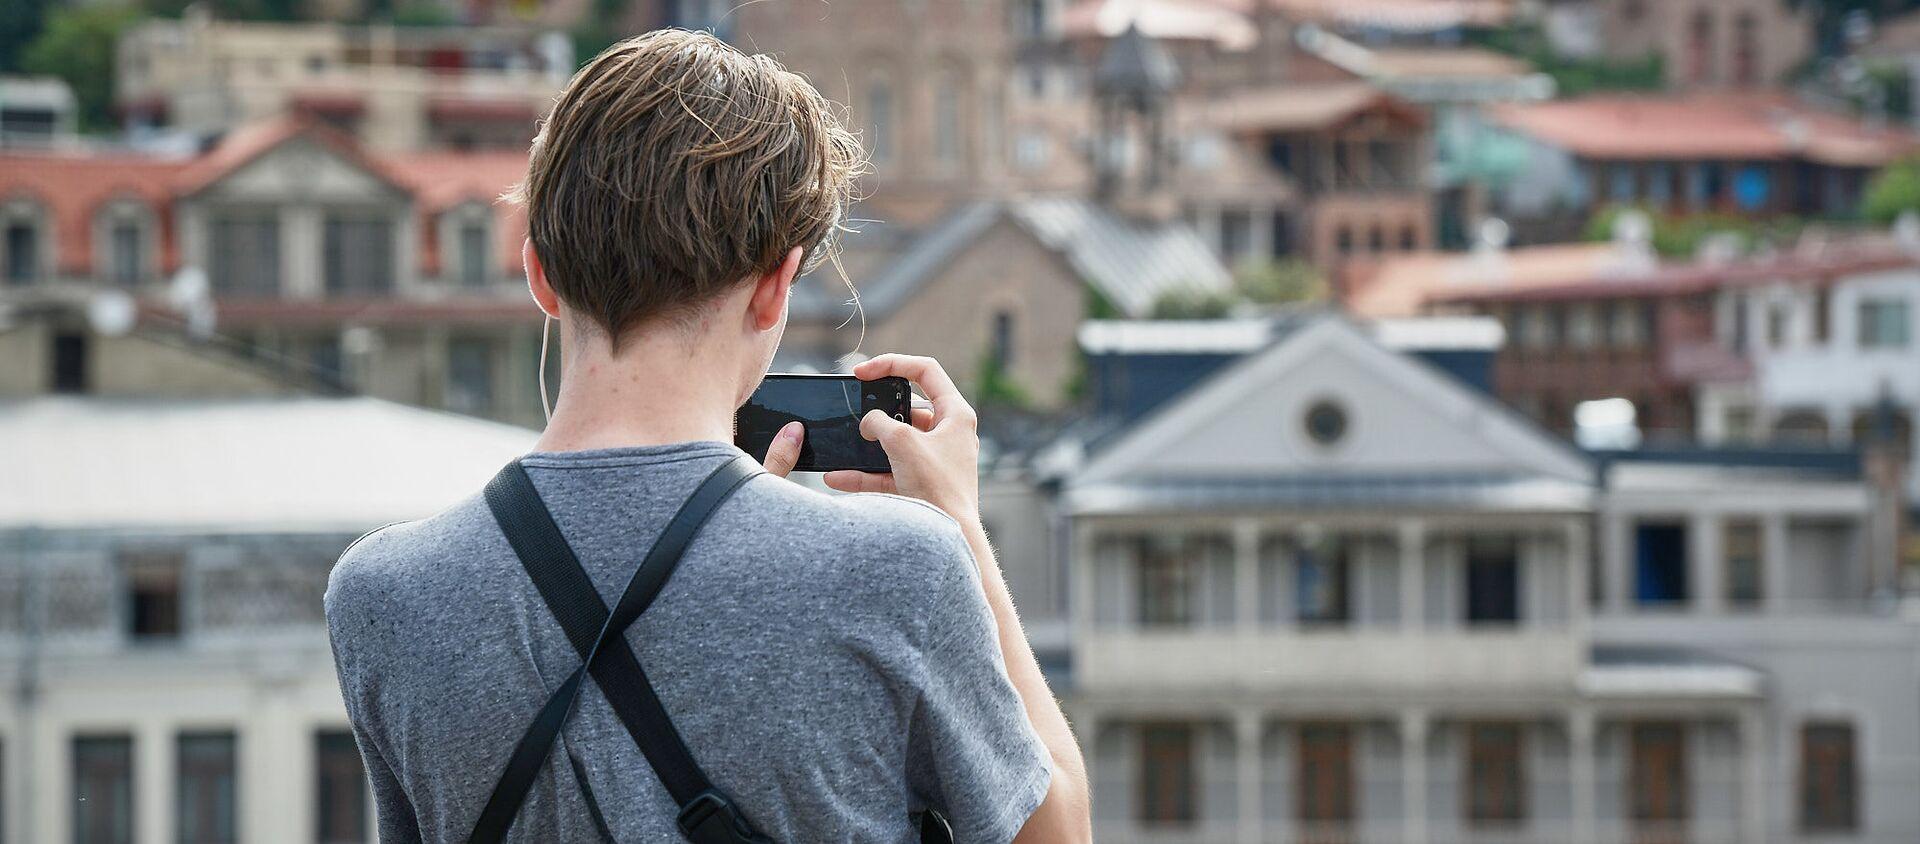 Турист фотографирует Тбилиси - Sputnik Грузия, 1920, 01.06.2021